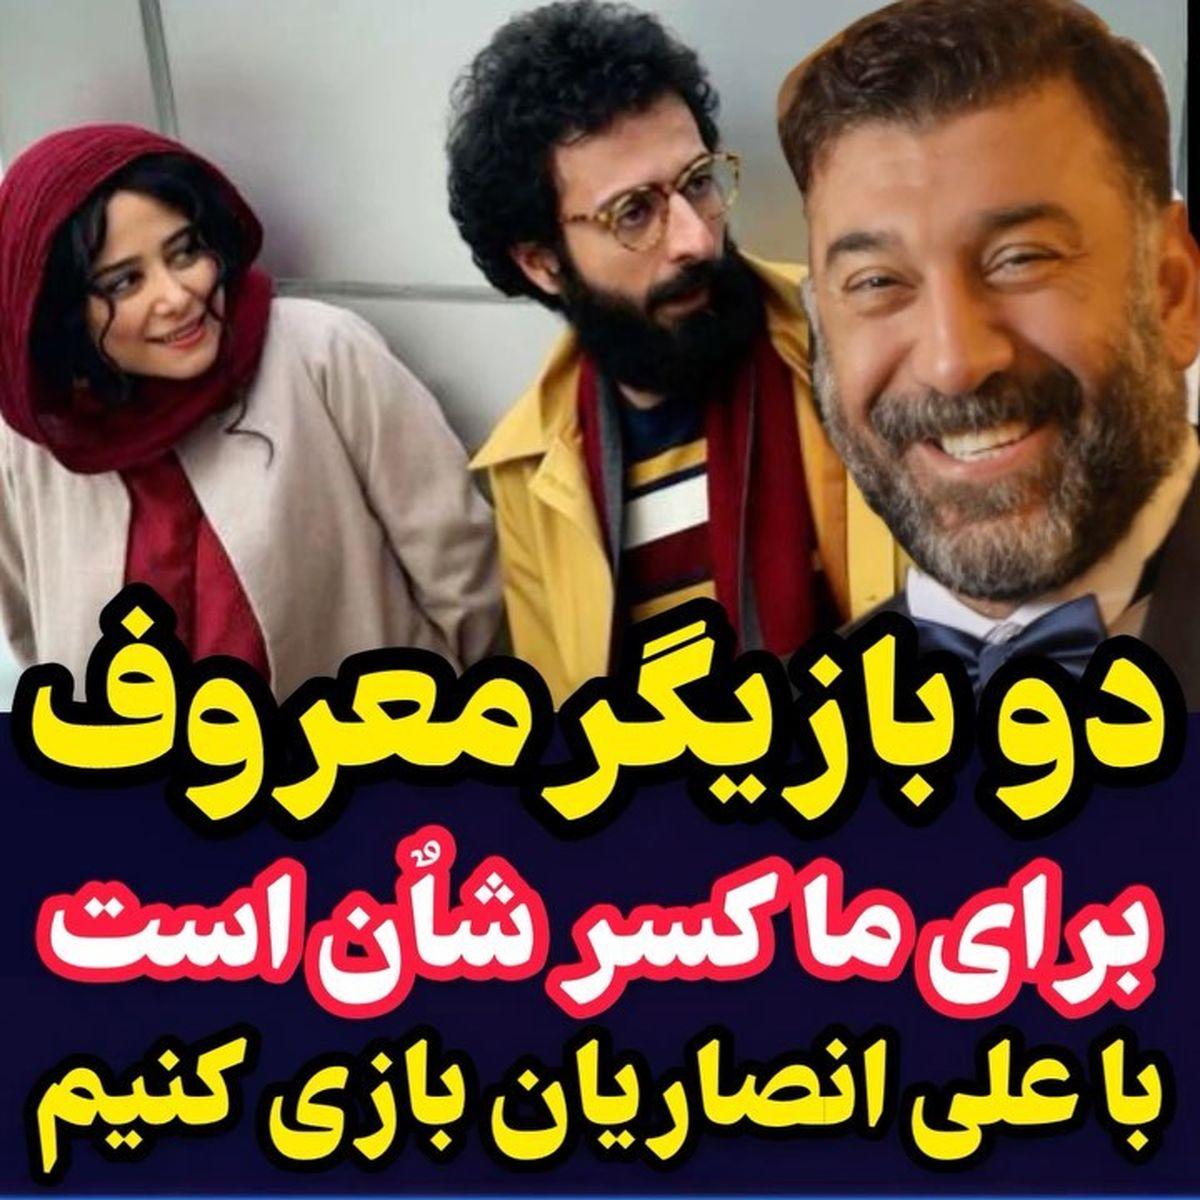 ماجرای نامردی دوبازیگر درحق علی انصاریان چه بود؟ + فیلم